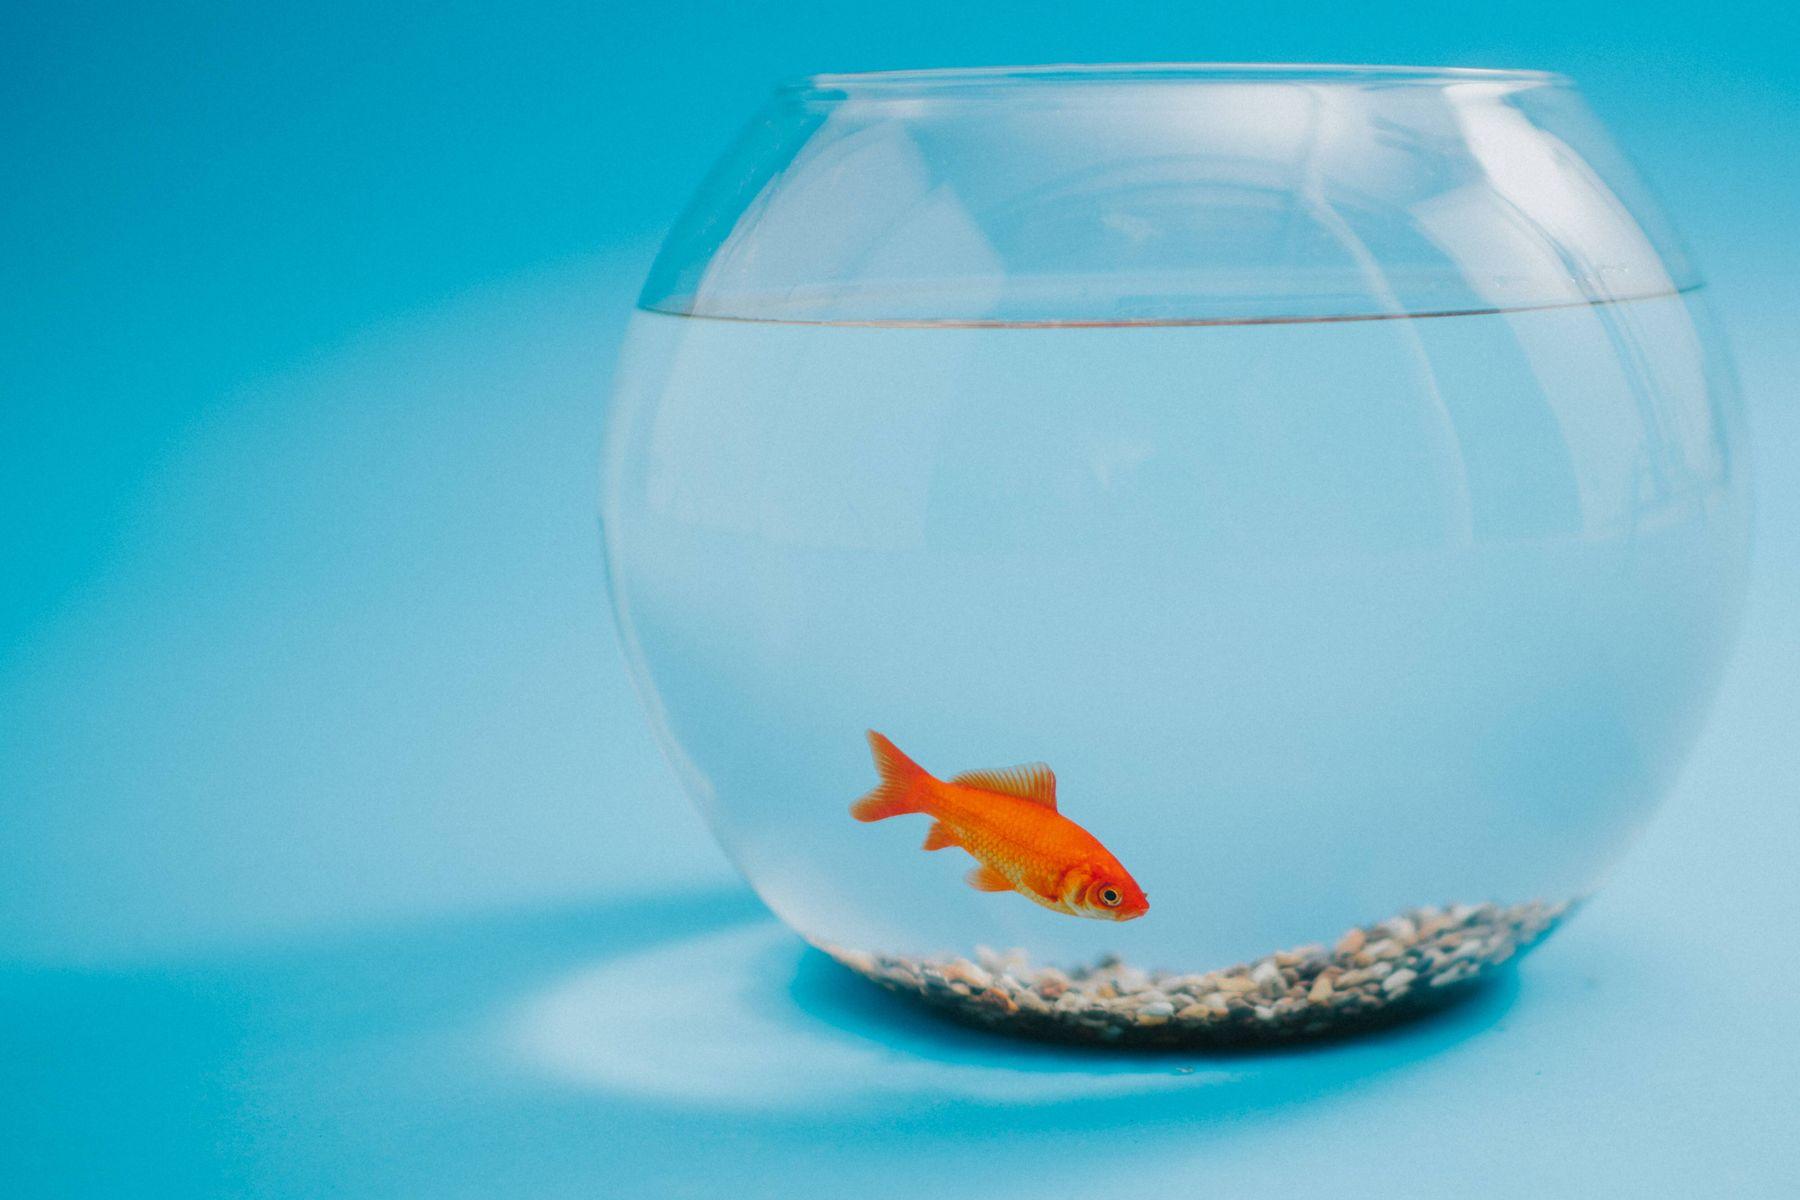 roter Fisch in einem Plexiglasglas